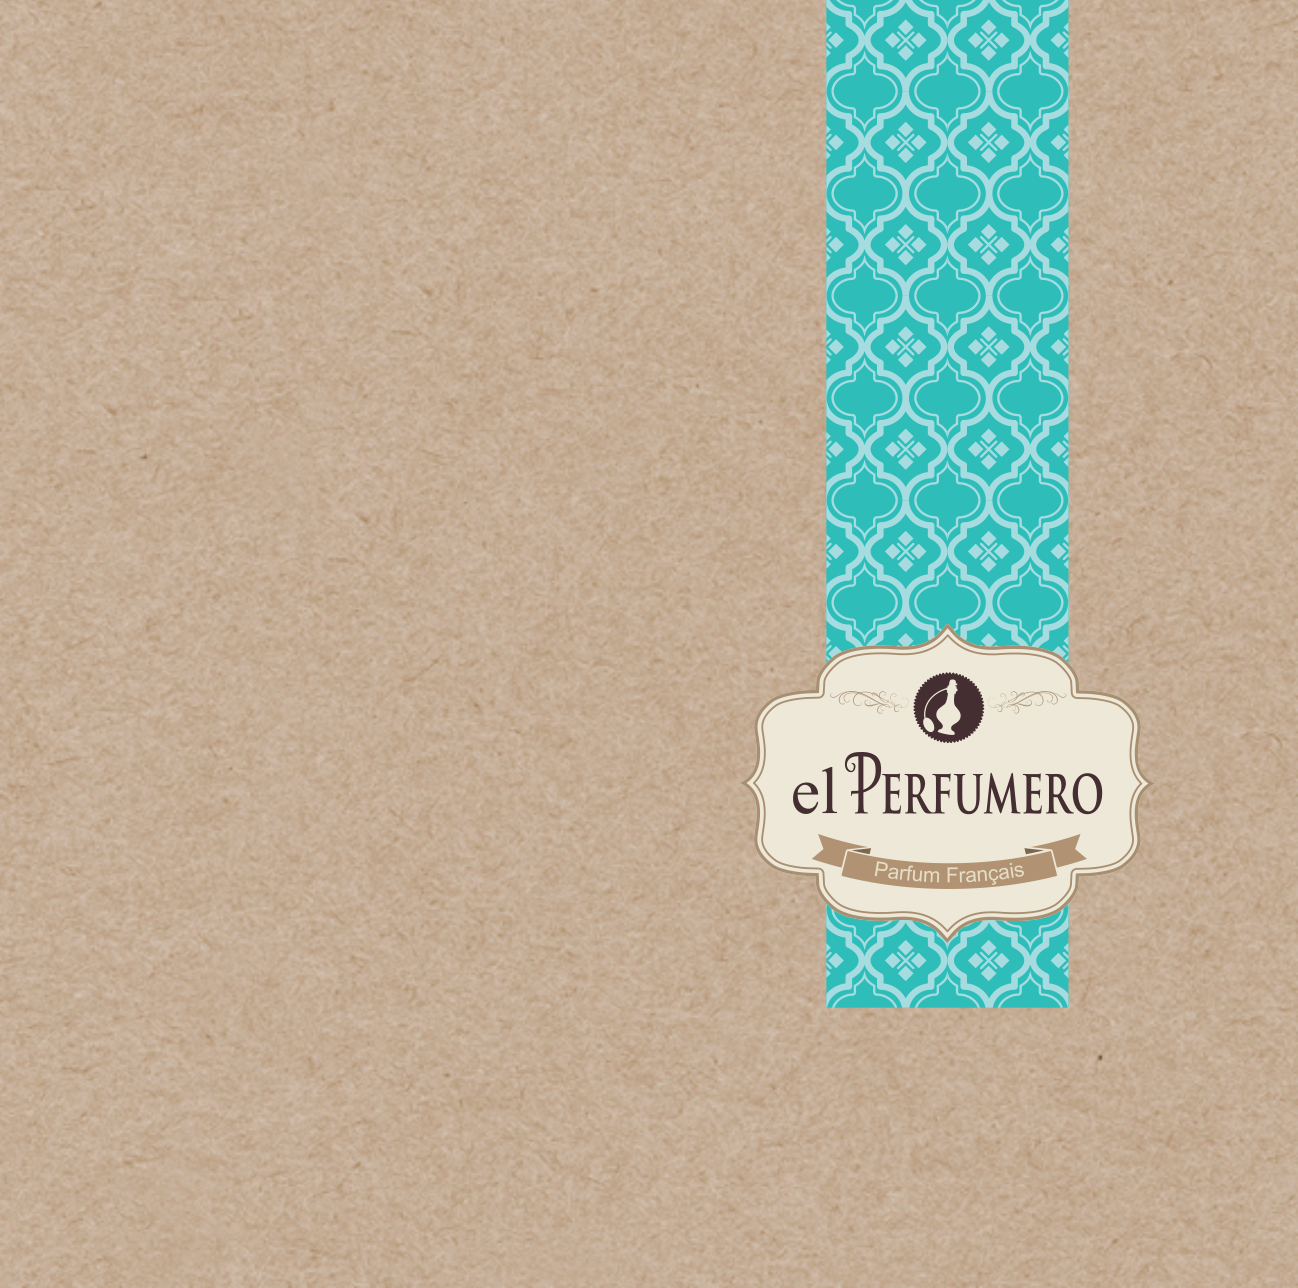 El perfumero badge !